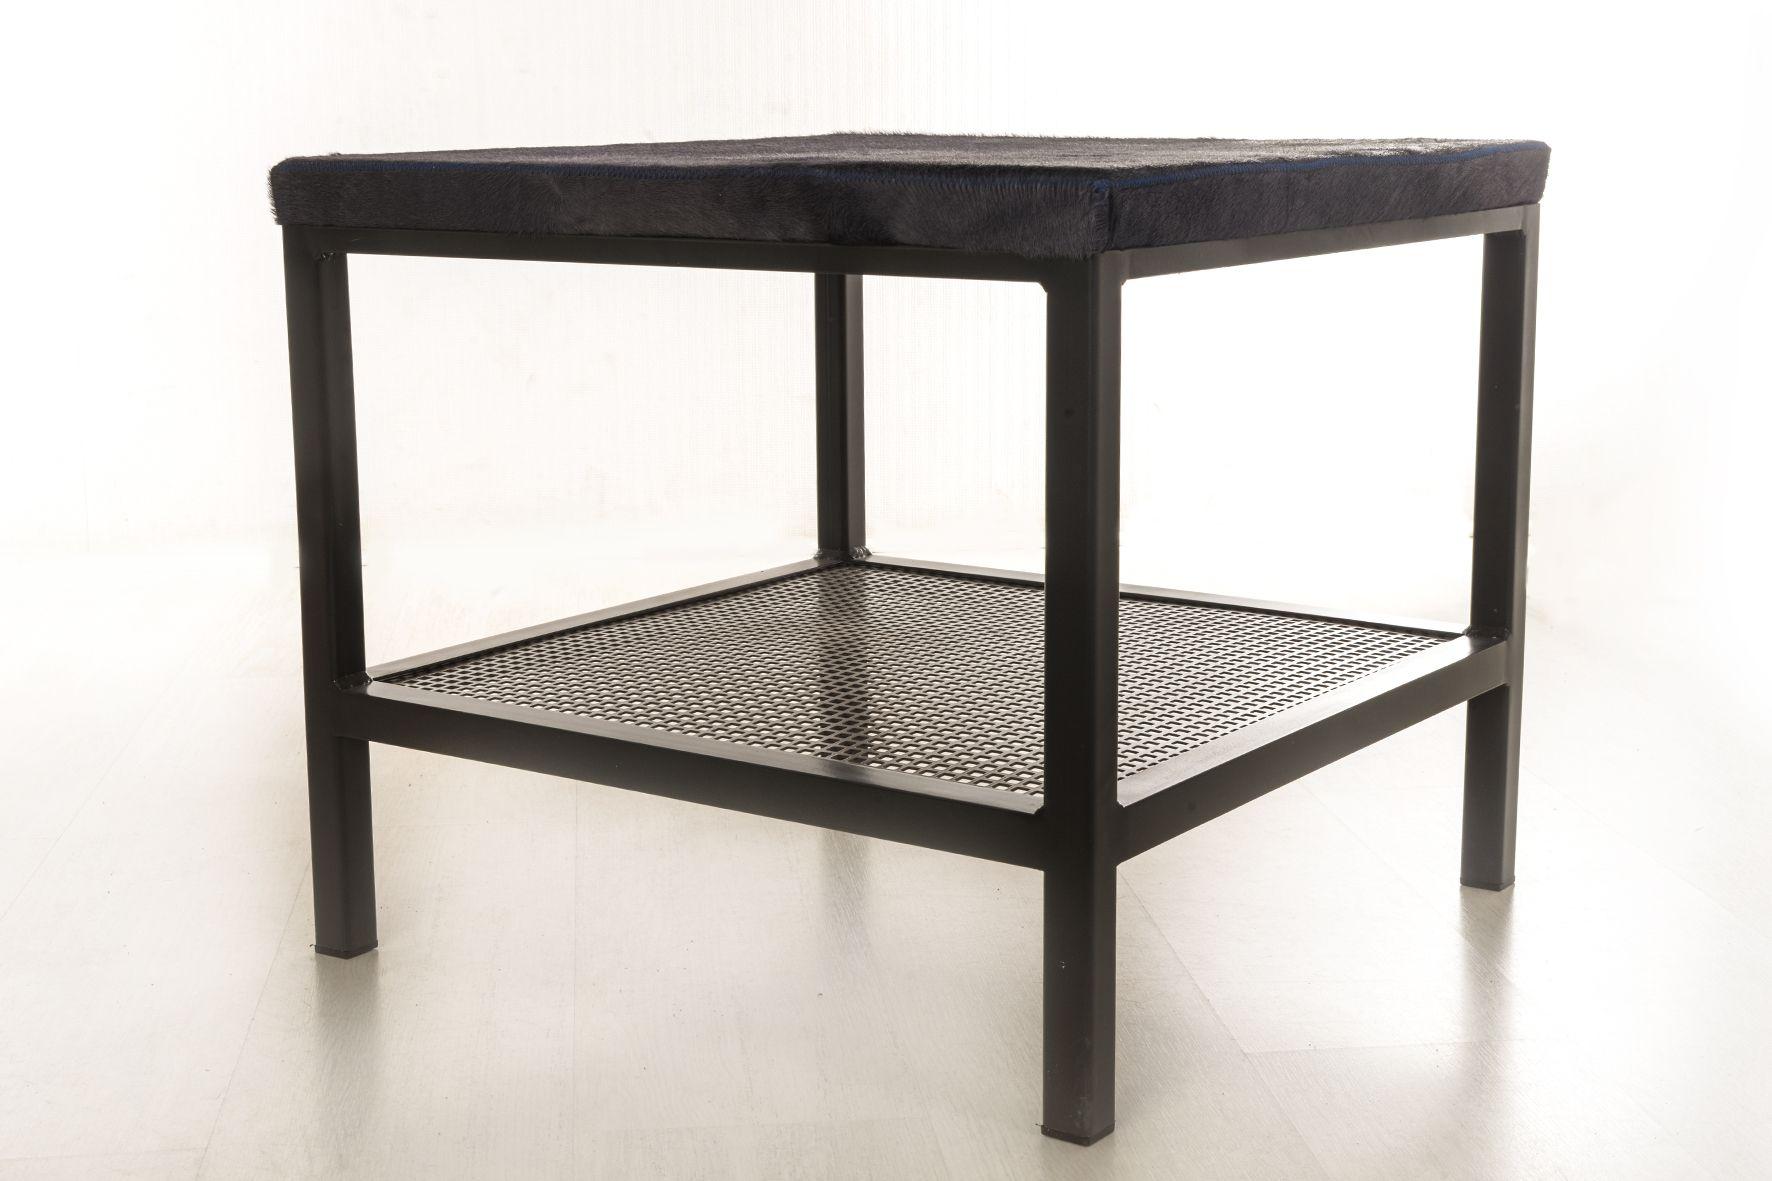 Table Basse Industrielle Avec Plateau En Peau De Vache Design Coffee Table Table Basse Table Basse Industrielle Design